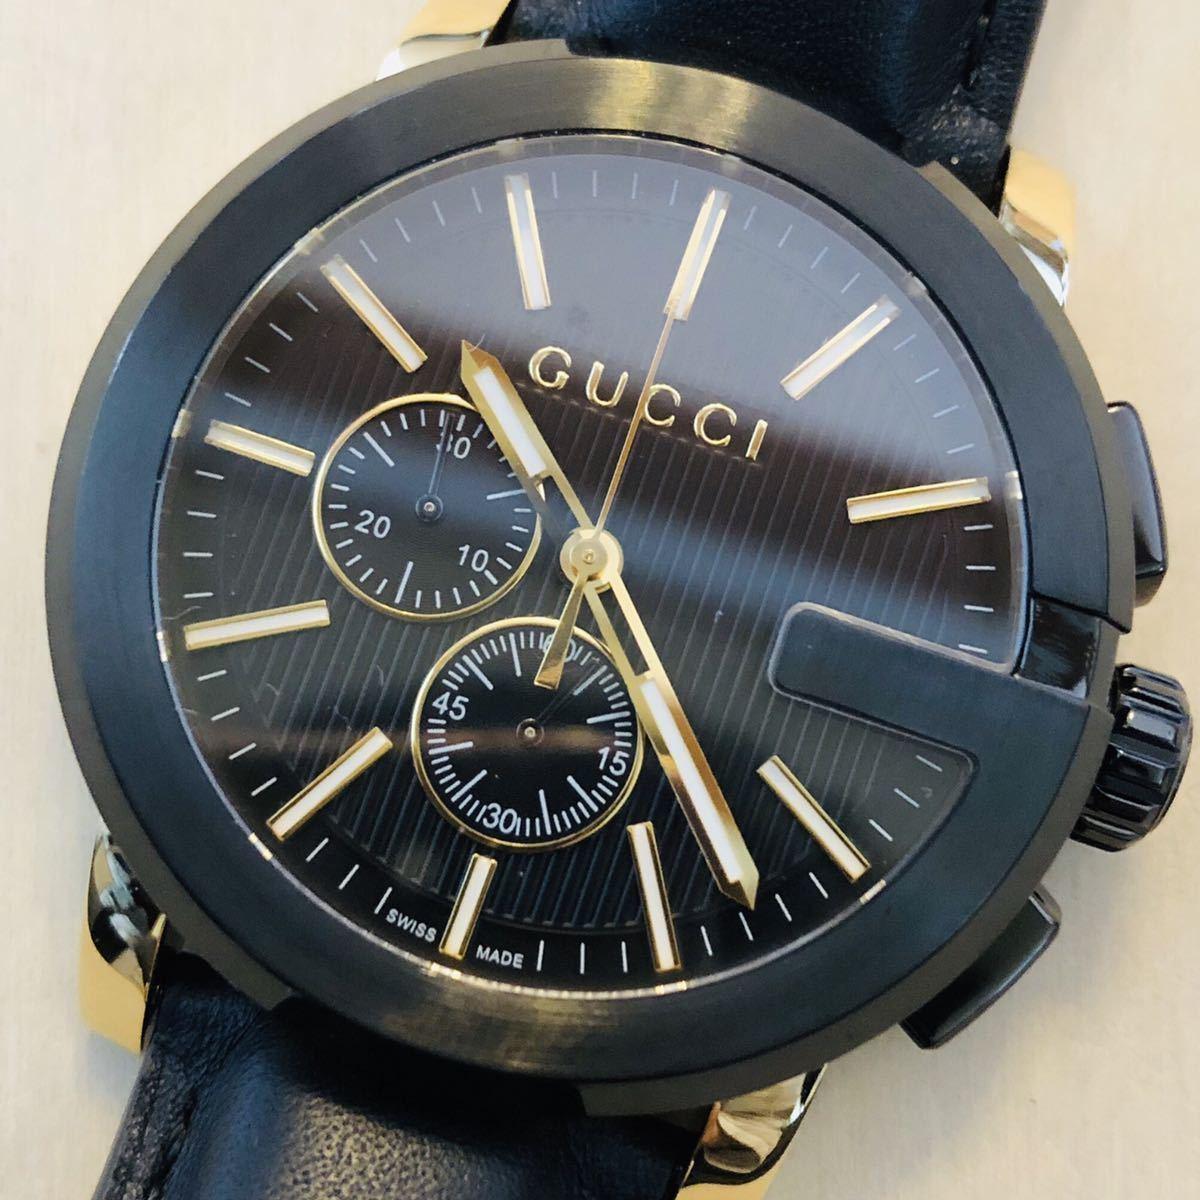 ☆1円スタート☆激レア☆◆海外限定◆新品◆高級腕時計◆GUCCI Gクロノ◆YA101203◆定価約24万◆クォーツ ブラック/イエロー メンズ腕時計